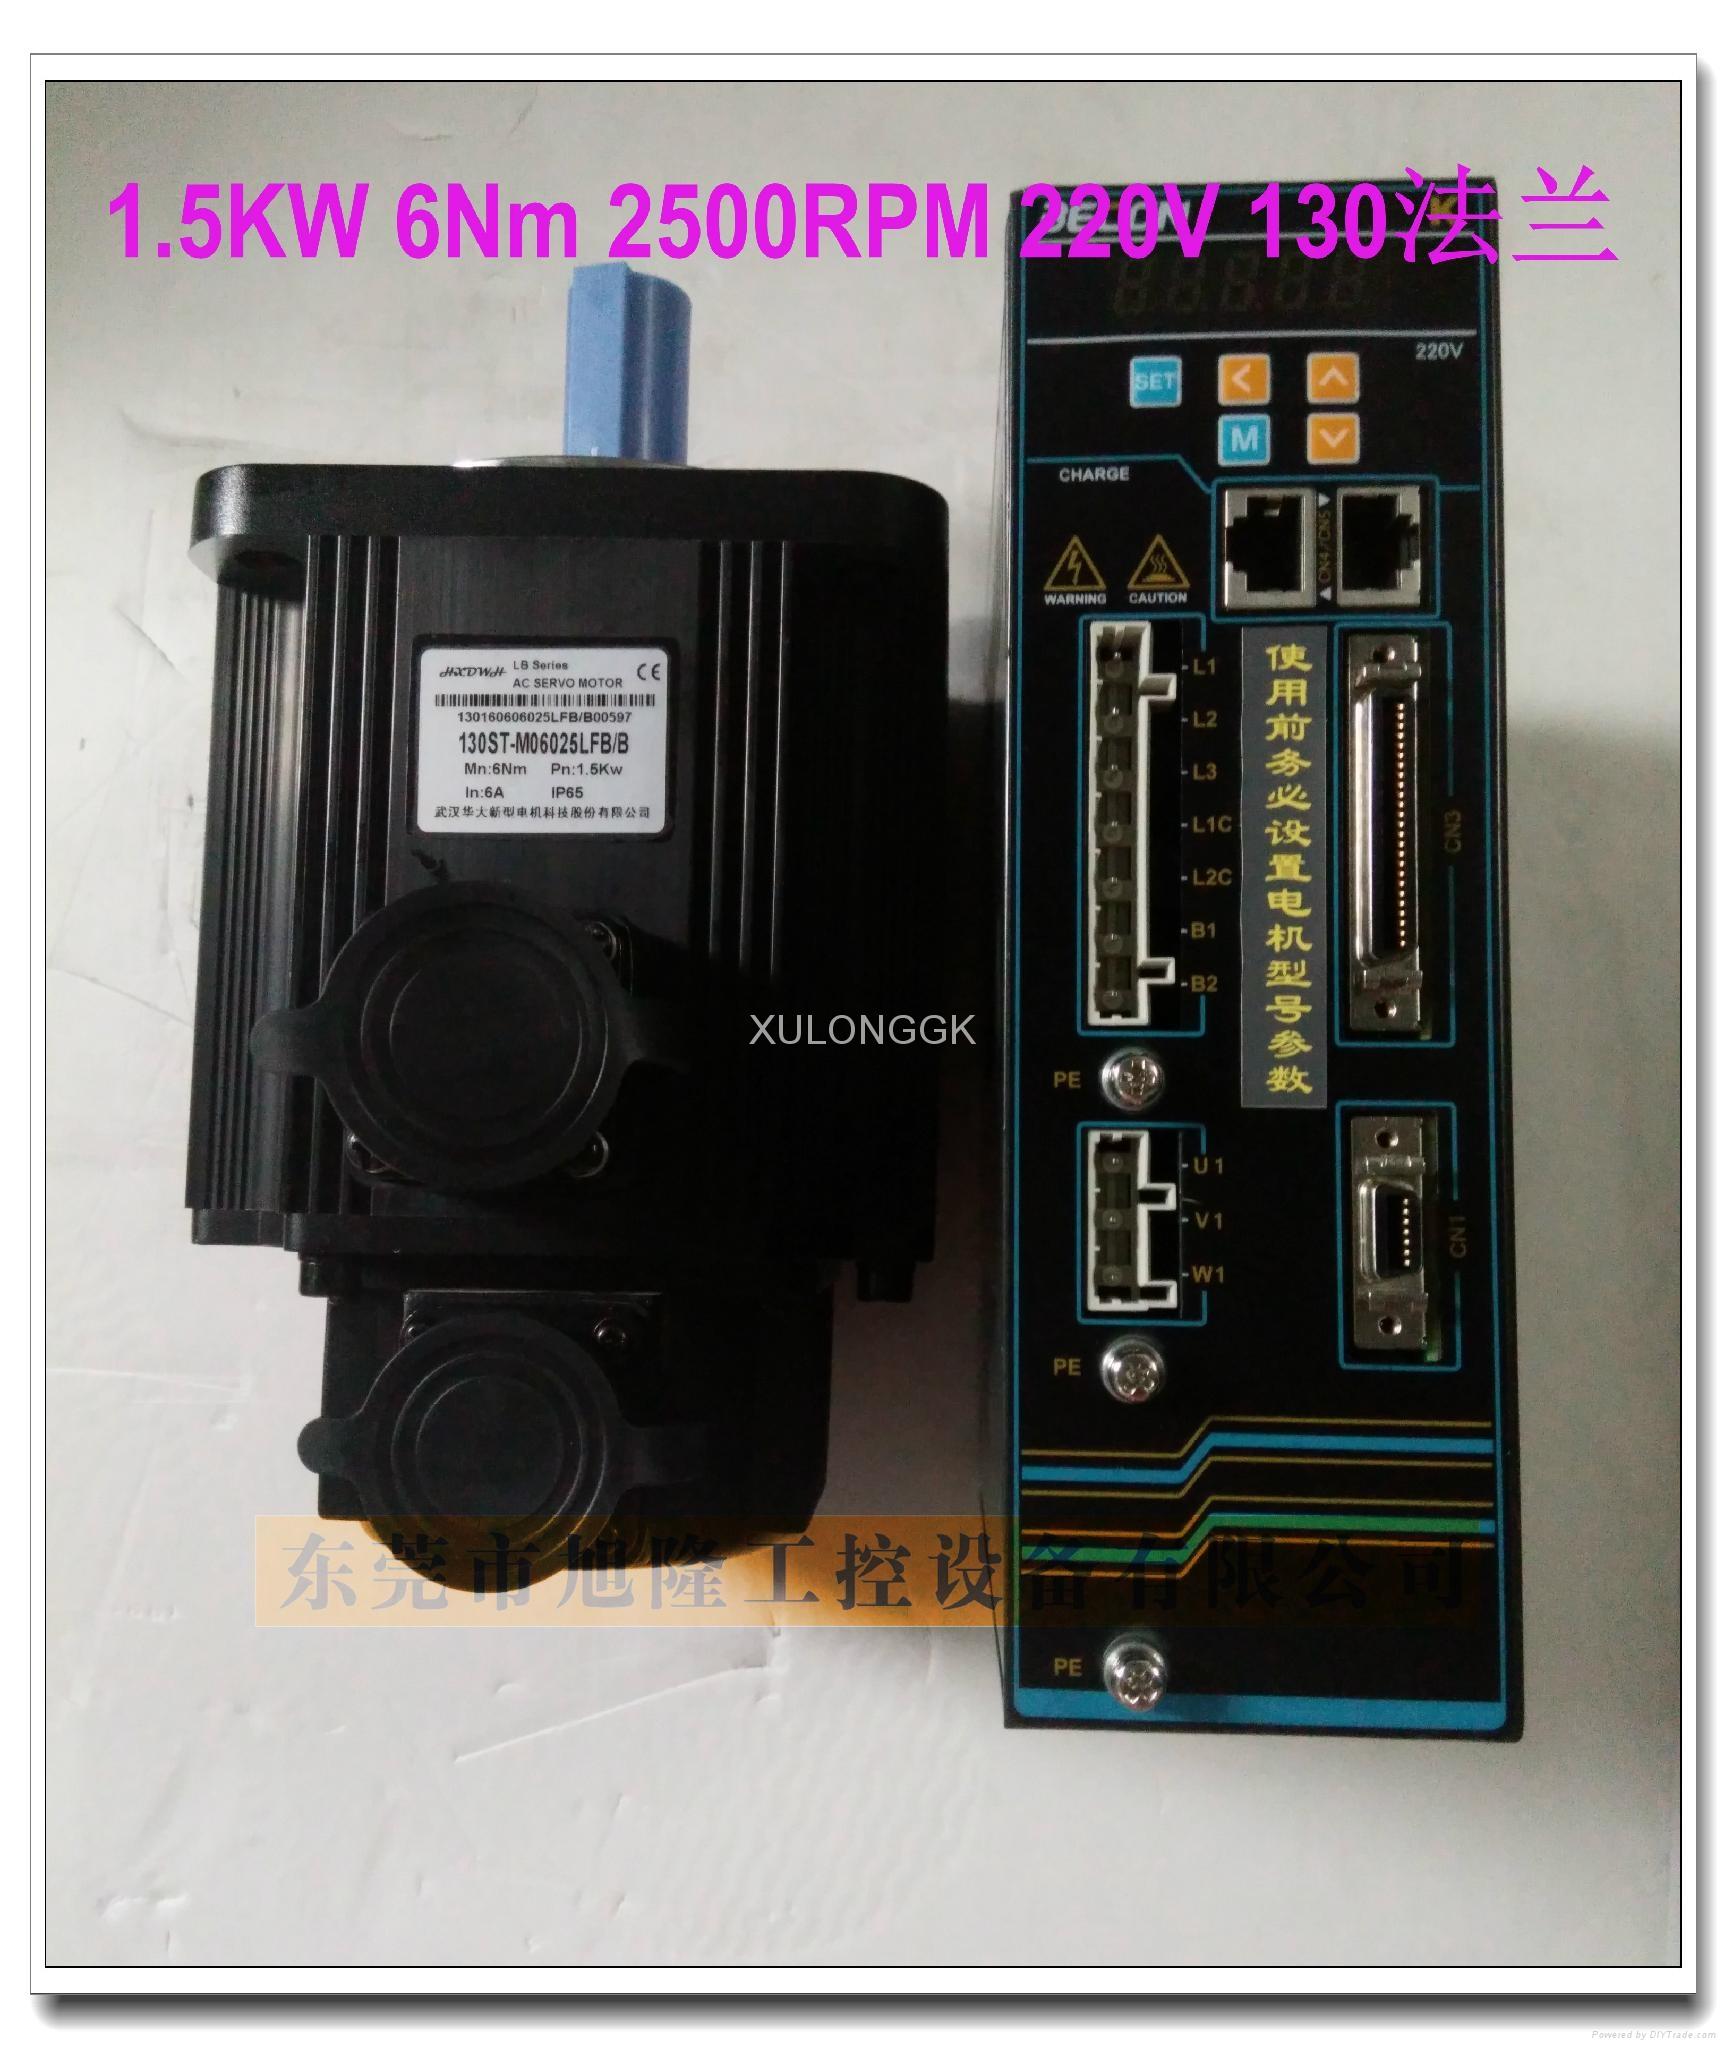 华大伺服电机配K系列驱动器130ST-M06025LFB 1.5kw 6N  220V 数控车床替安川0.85kw用 1